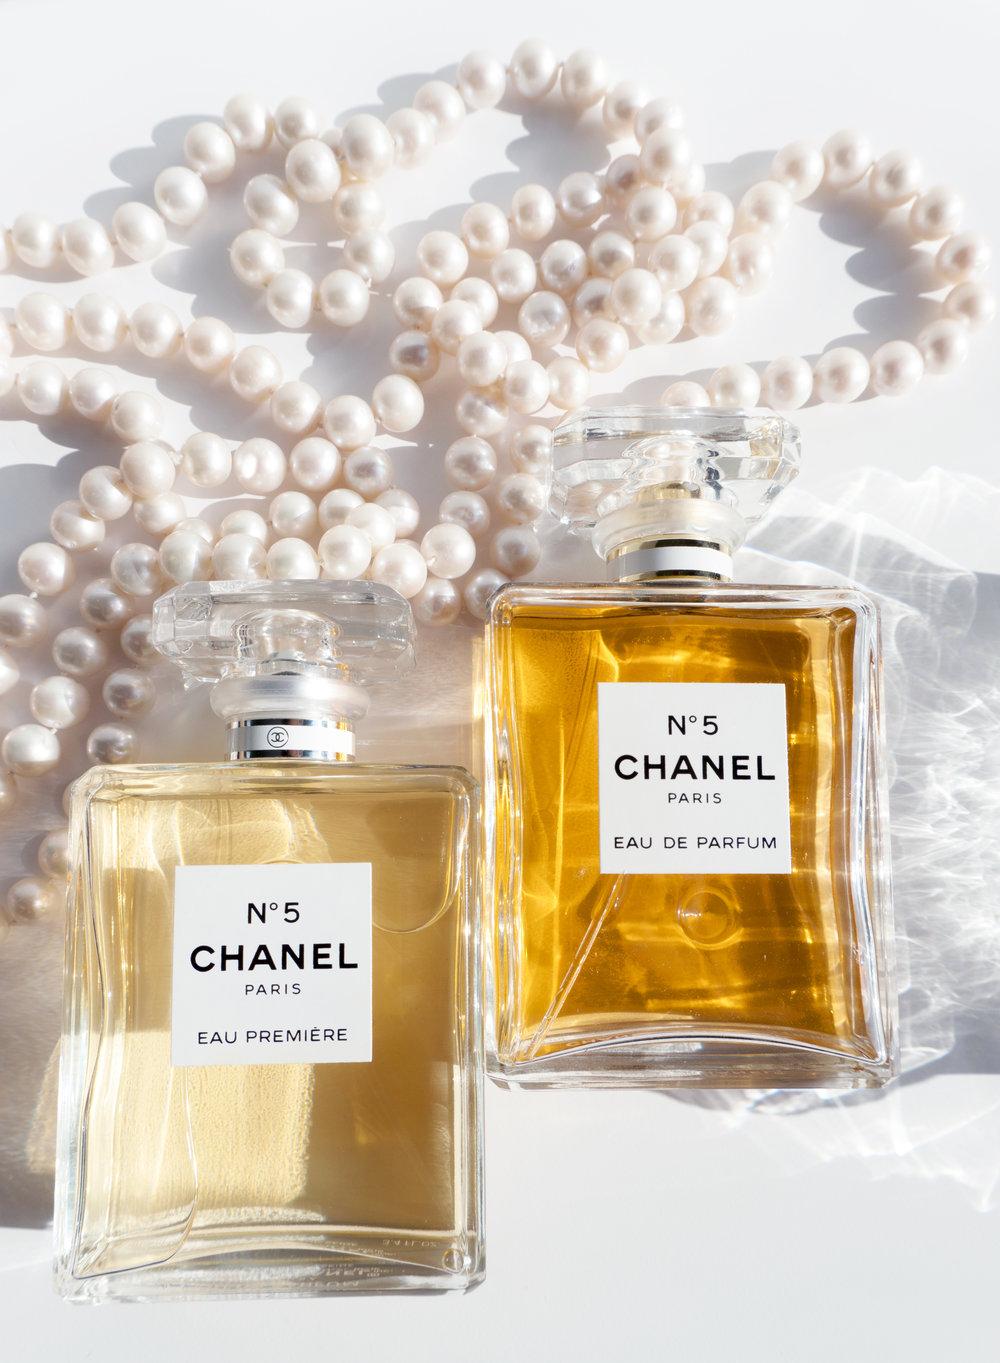 Chanel-Bottle-3.jpg